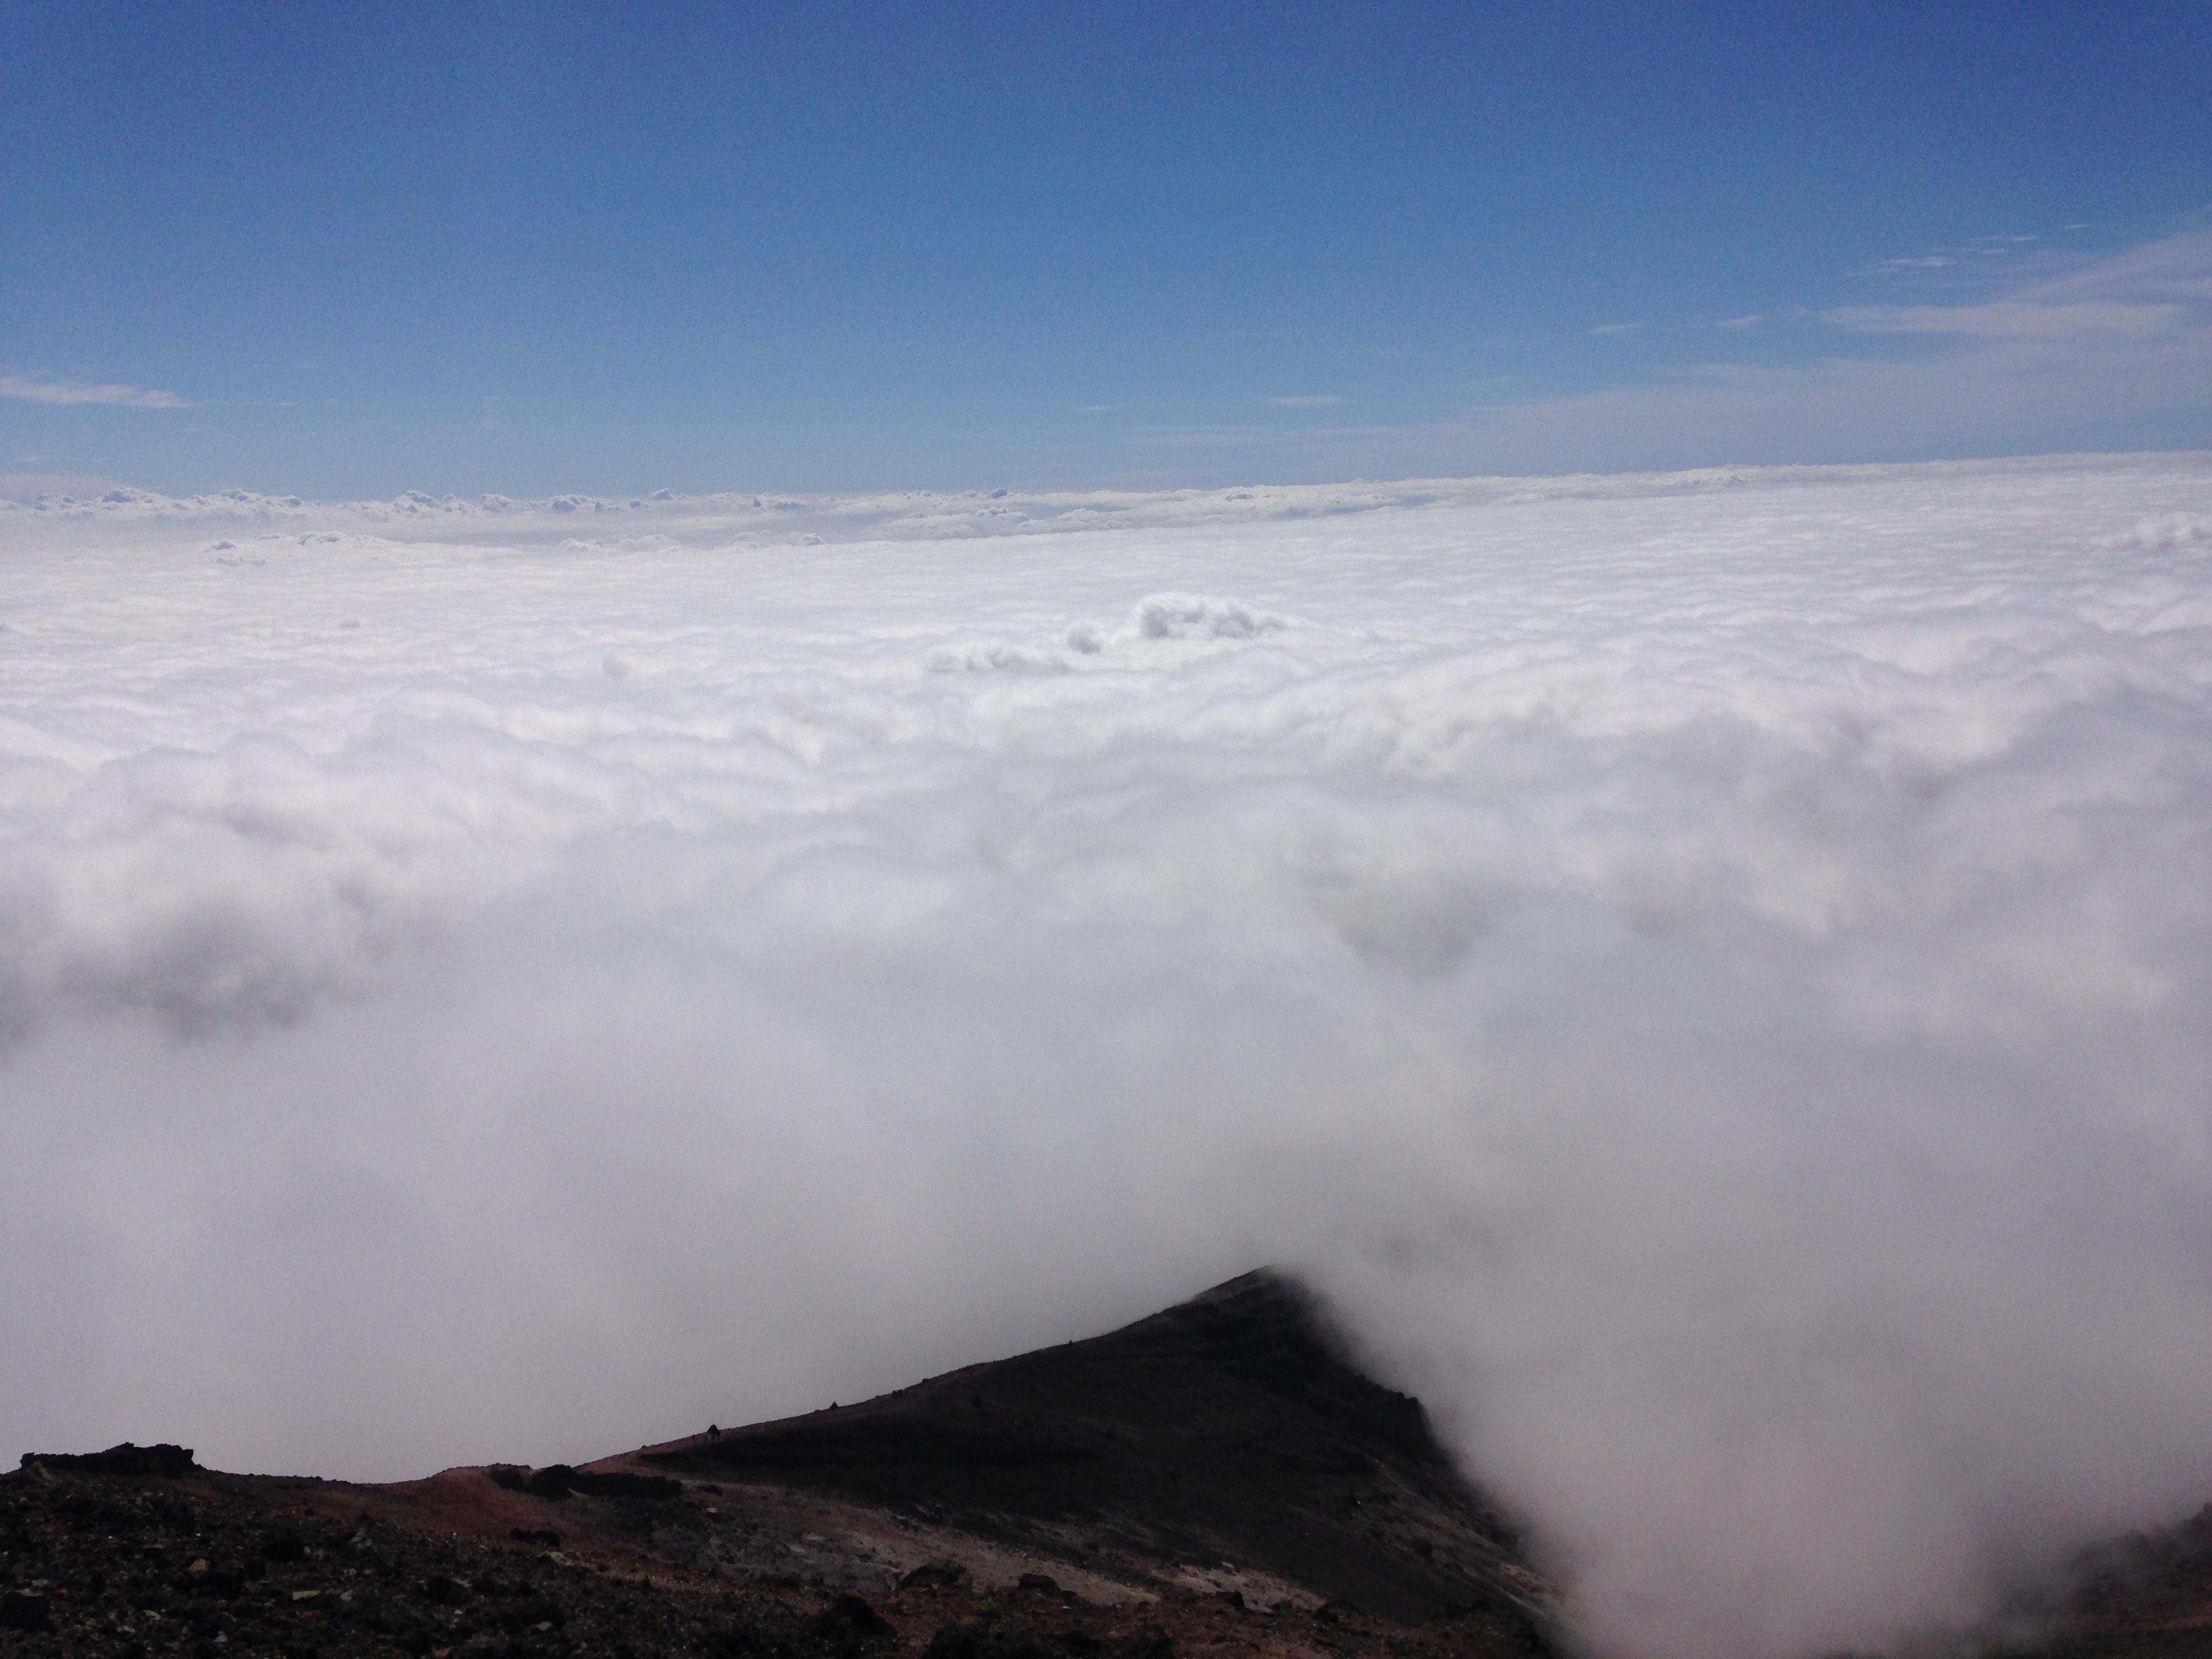 204449cfe7 旭岳の登山&服装】天国のような景色に出会える夏の旭岳|マウンテン ...